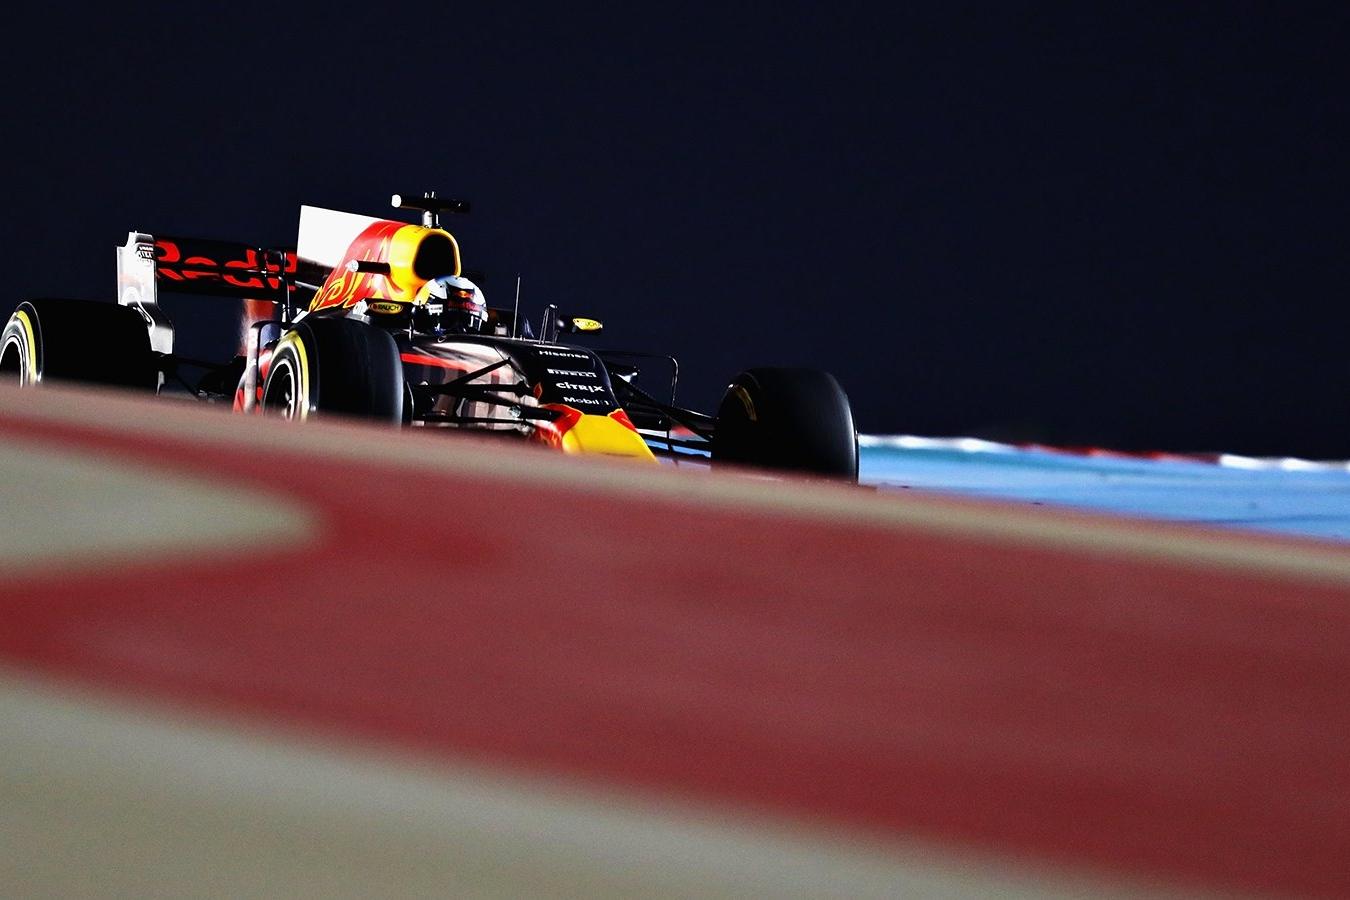 © Red Bull - Ricciardo en troisième homme, constat flatteur ?